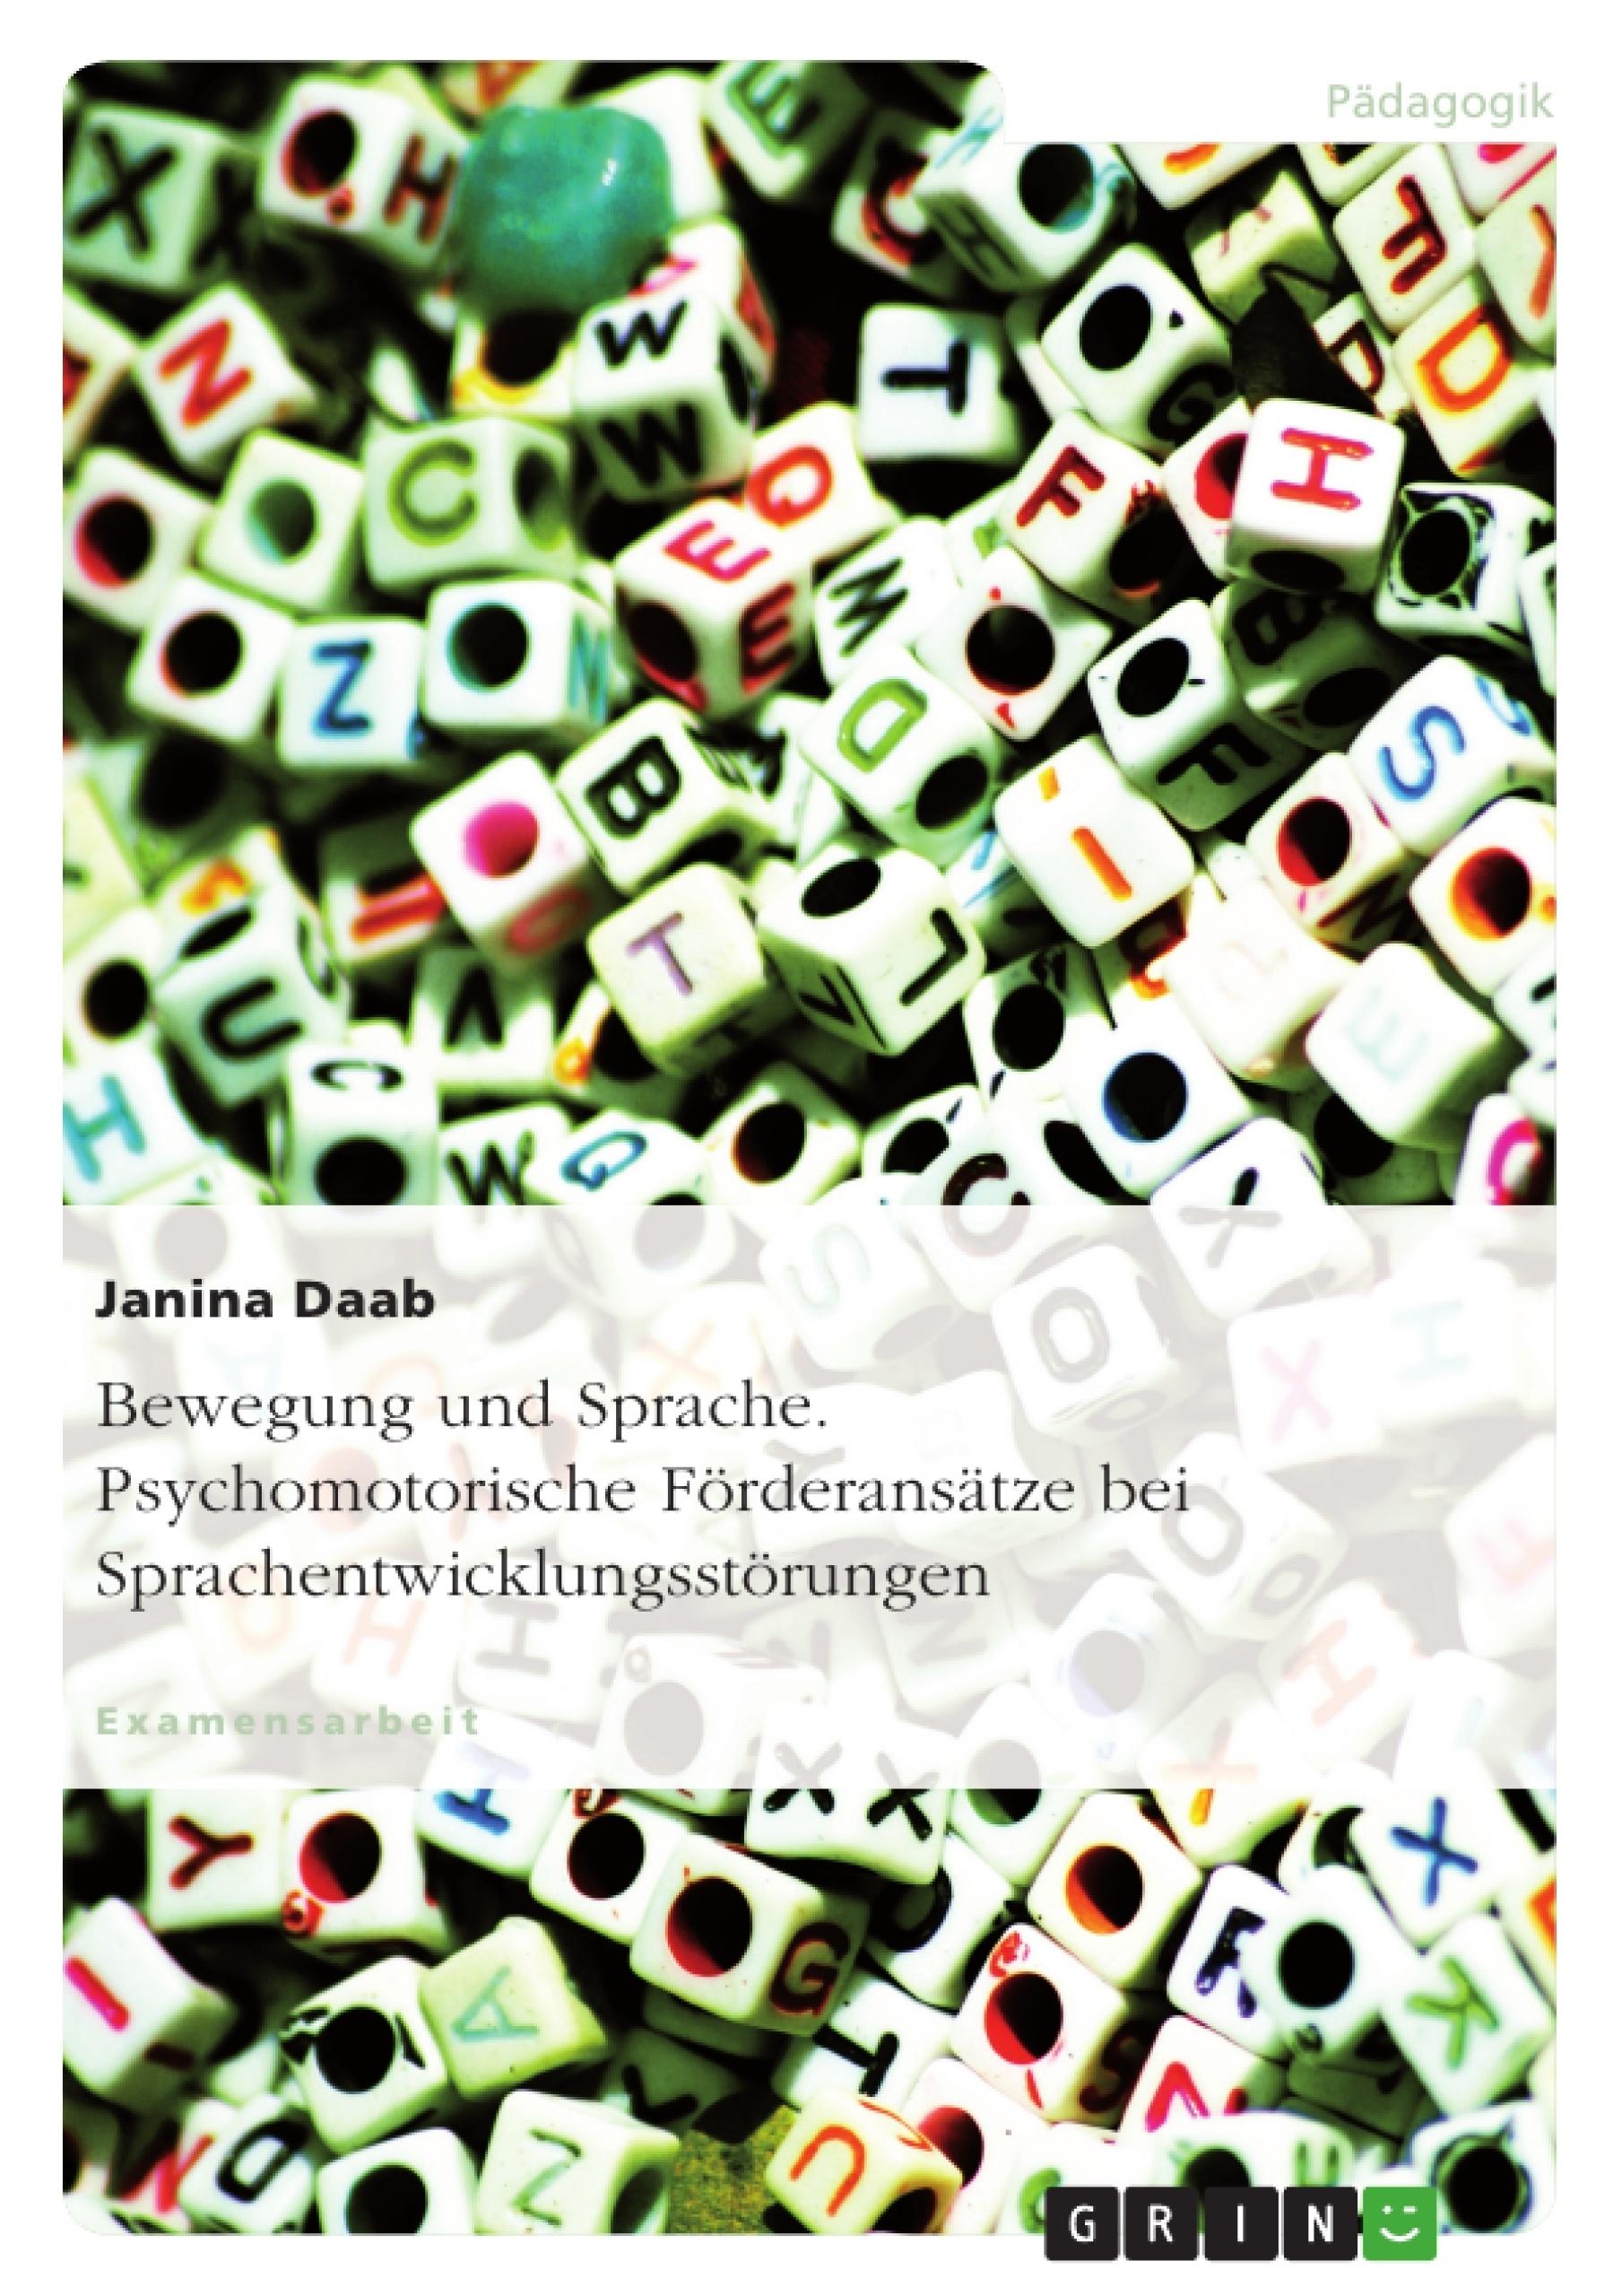 Titel: Bewegung und Sprache. Psychomotorische Förderansätze bei Sprachentwicklungsstörungen